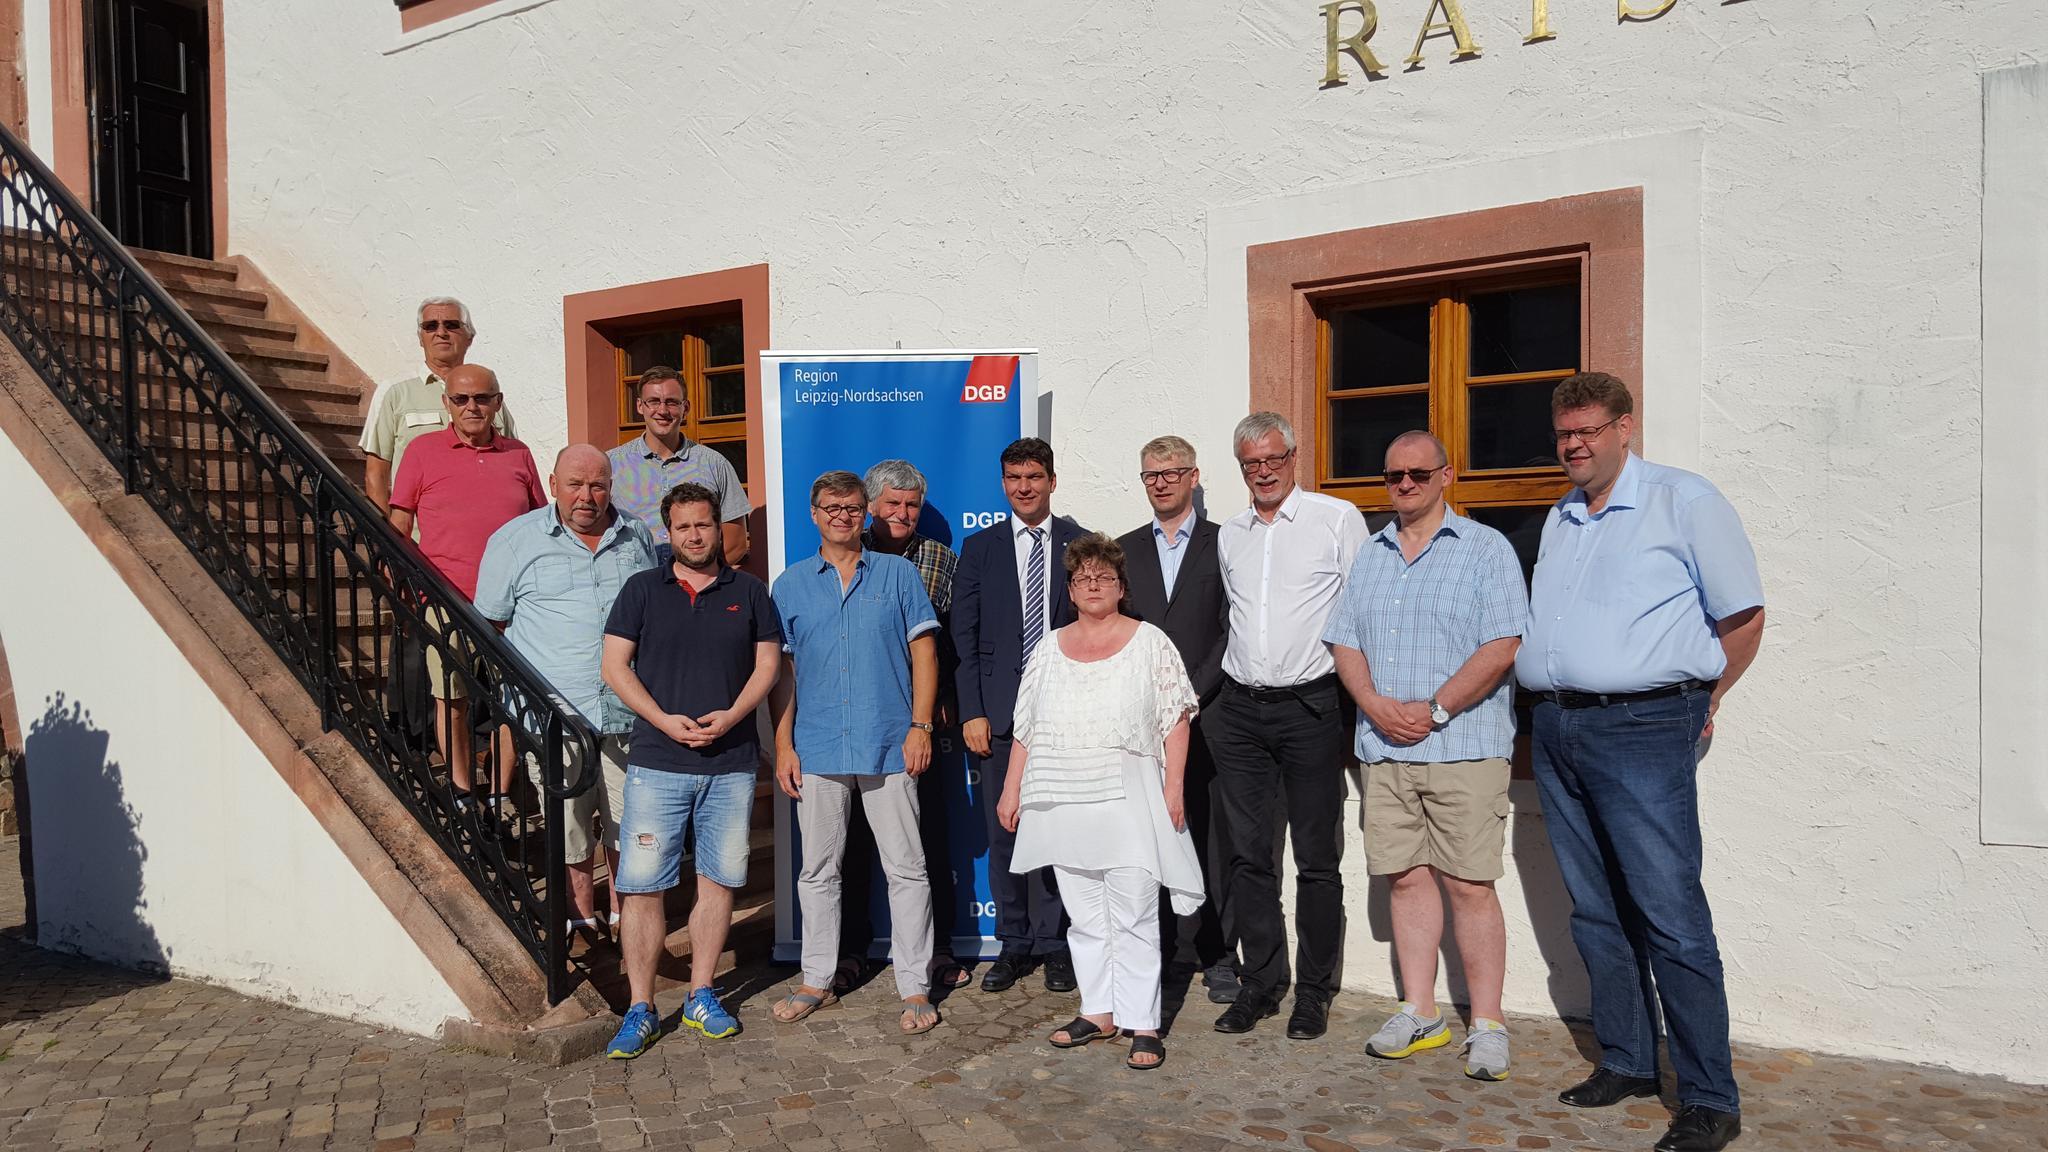 DGB Kreisverband + Gäste